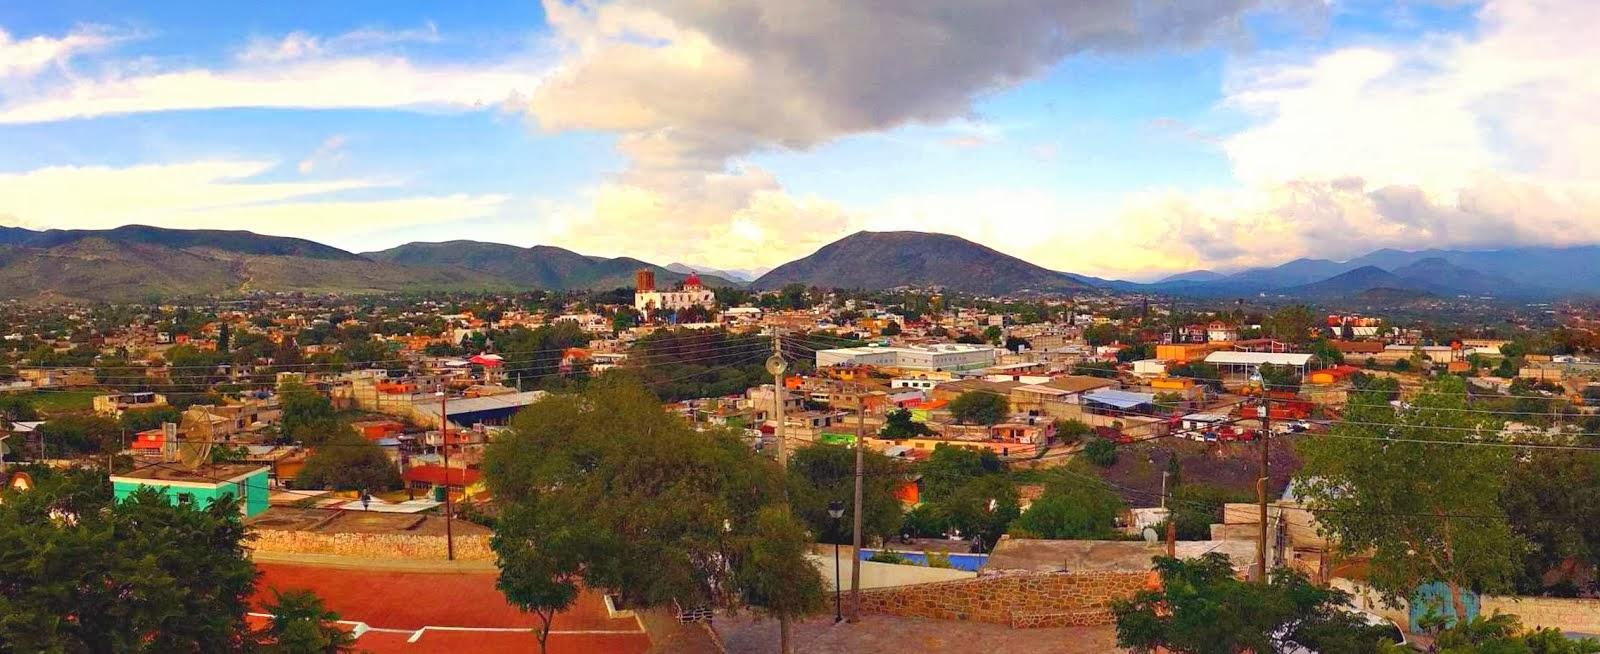 Zimapán, Hidalgo, México